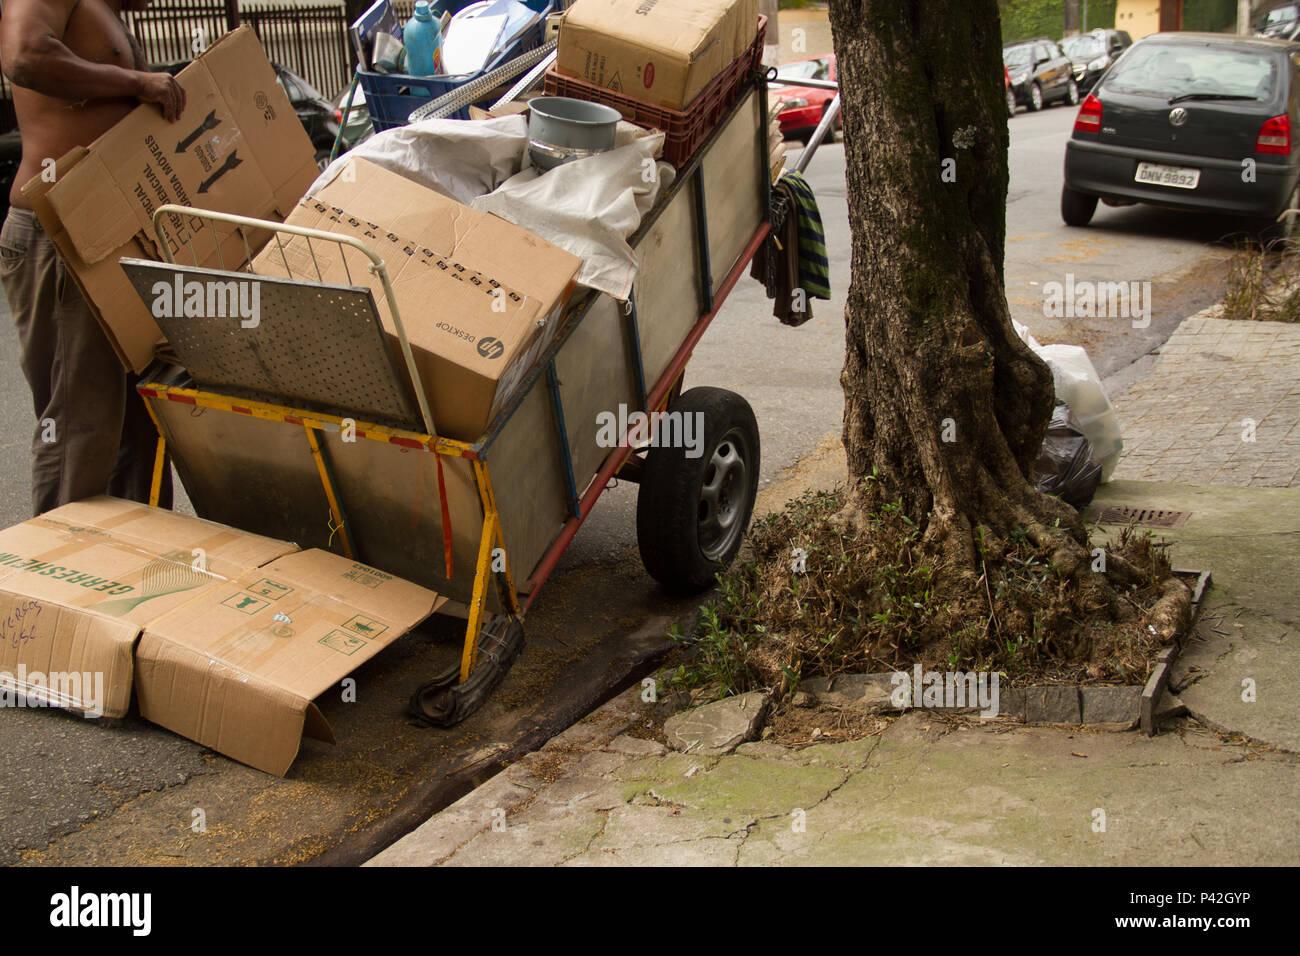 No Fotografias Bairro do lixo Sumarézinho reciclável, Lixeiras. São Paulo/SP, Brasil 14/08/2013. (Foto: Celio Coscia / Fotoarena) Foto de stock